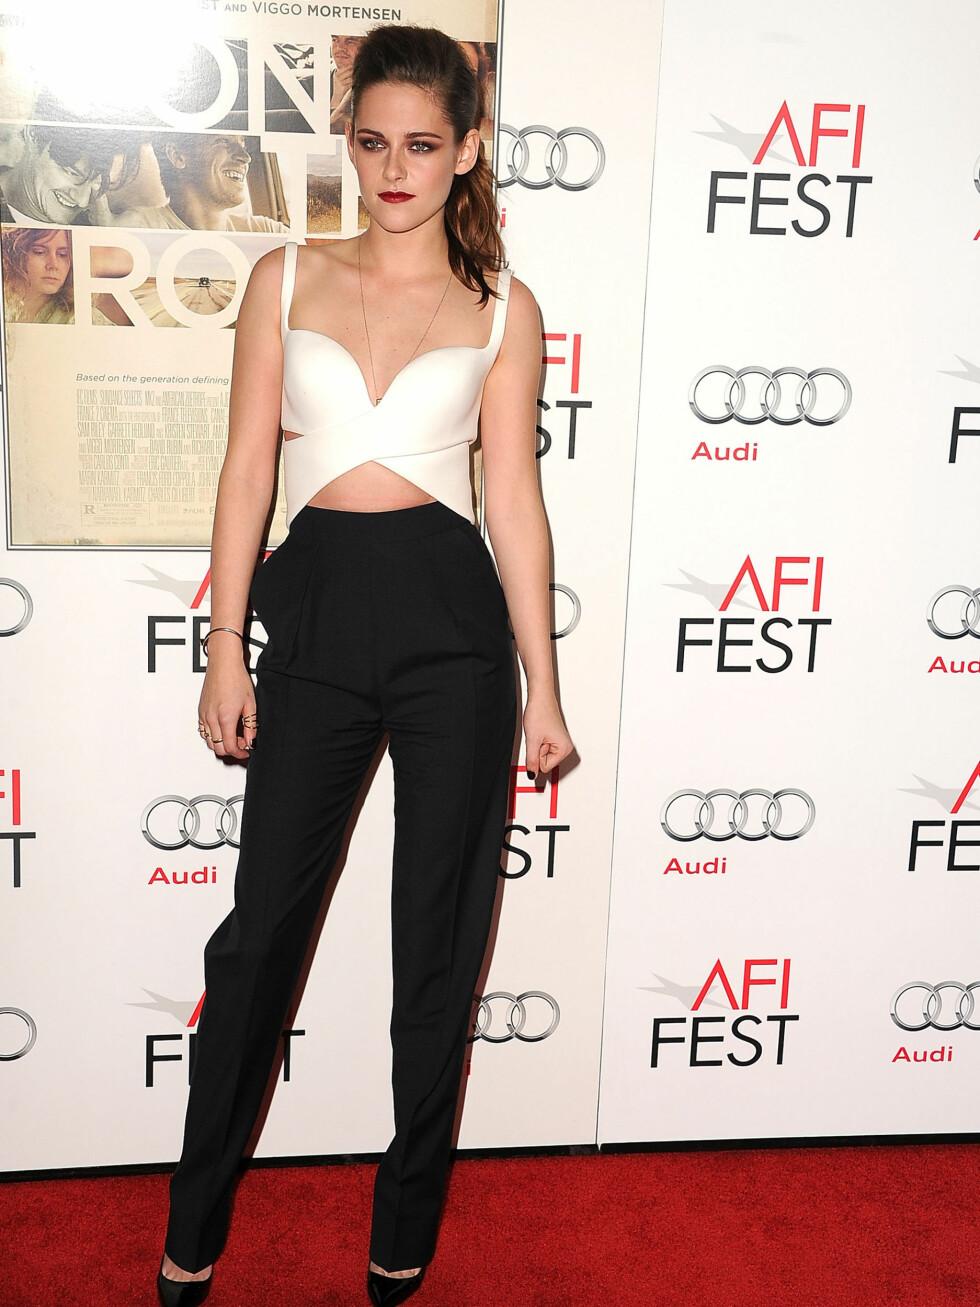 VISTE MAGEN: Kristen Stewart på  On The Road premiere i starten av november. Foto: All Over Press